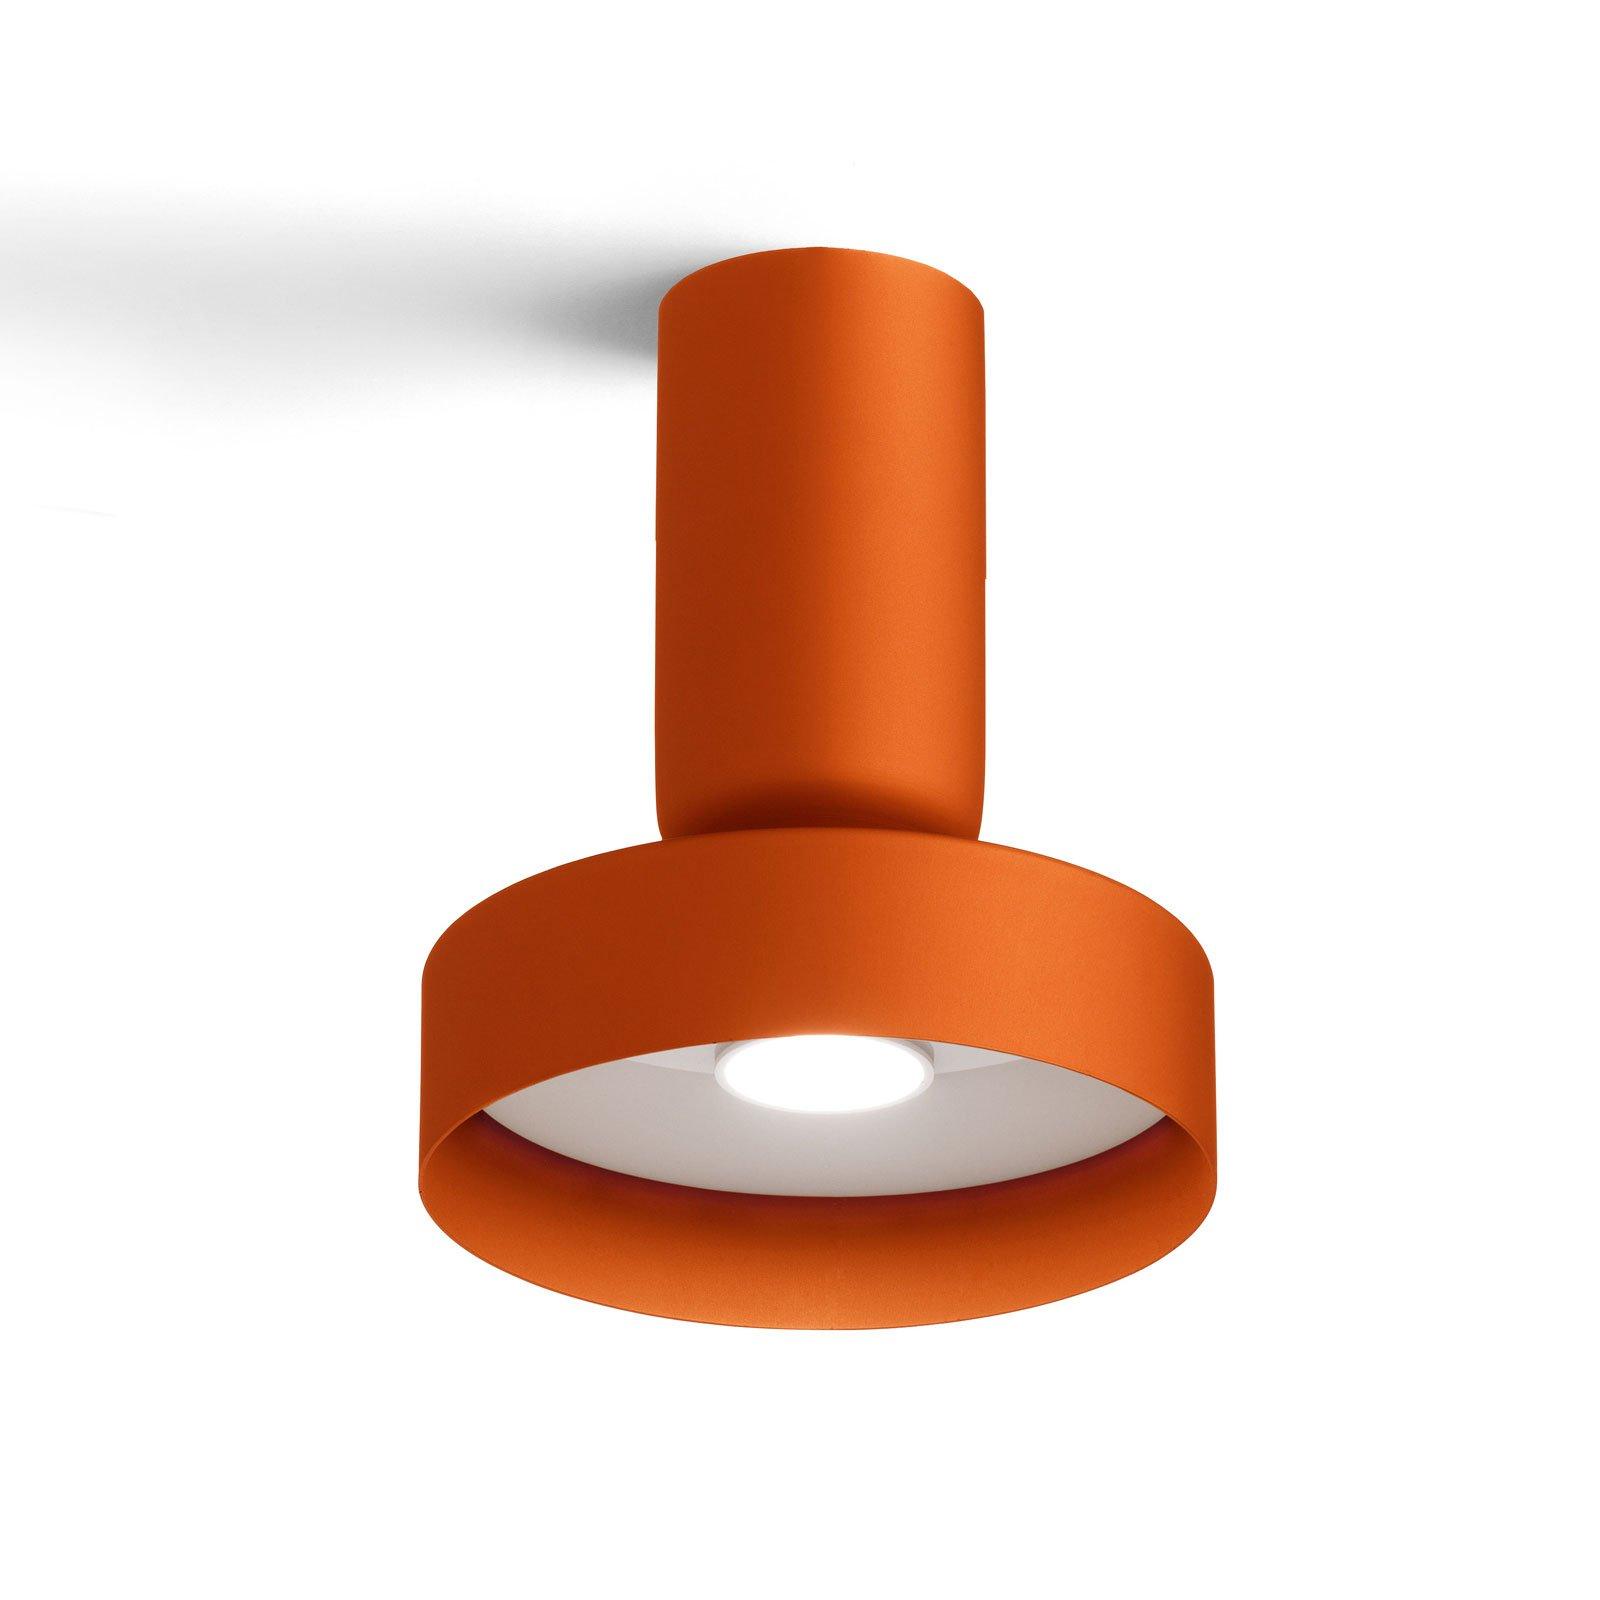 Modo Luce Hammer taklampe, Ø 18 cm oransje